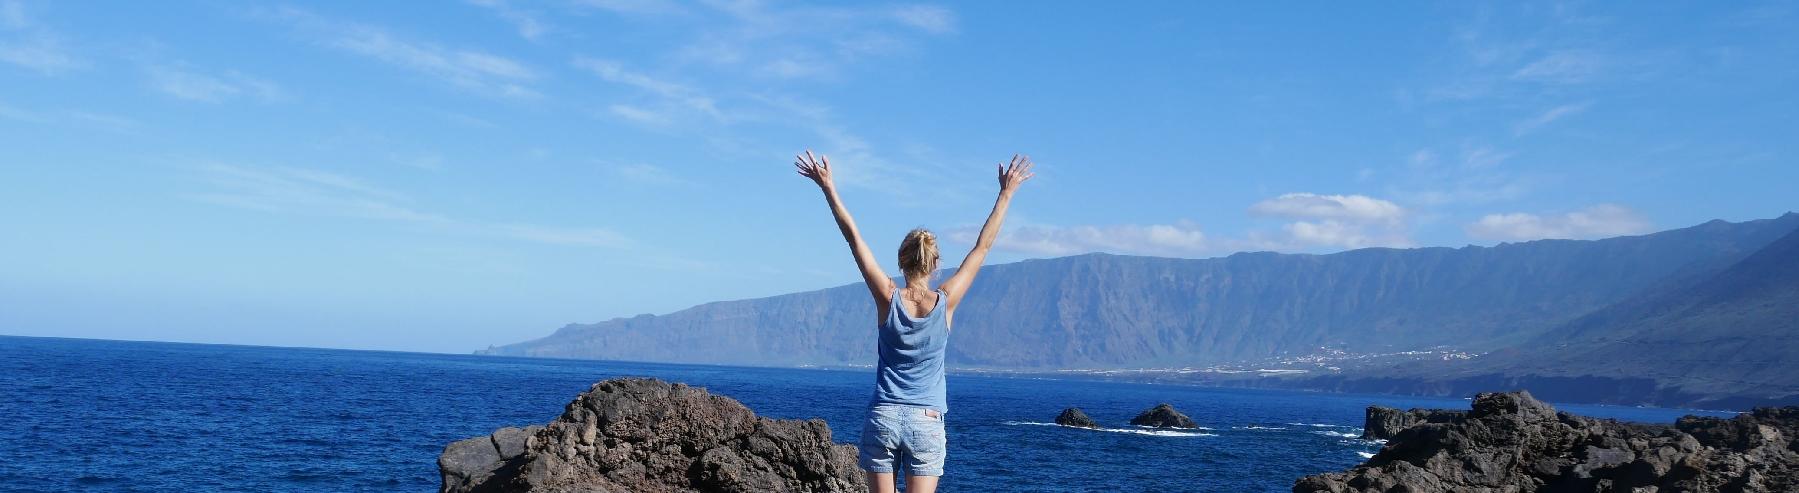 Erfolgreich Auswandern: Das Ratgeber-Buch fürs Auswandern nach Teneriffa